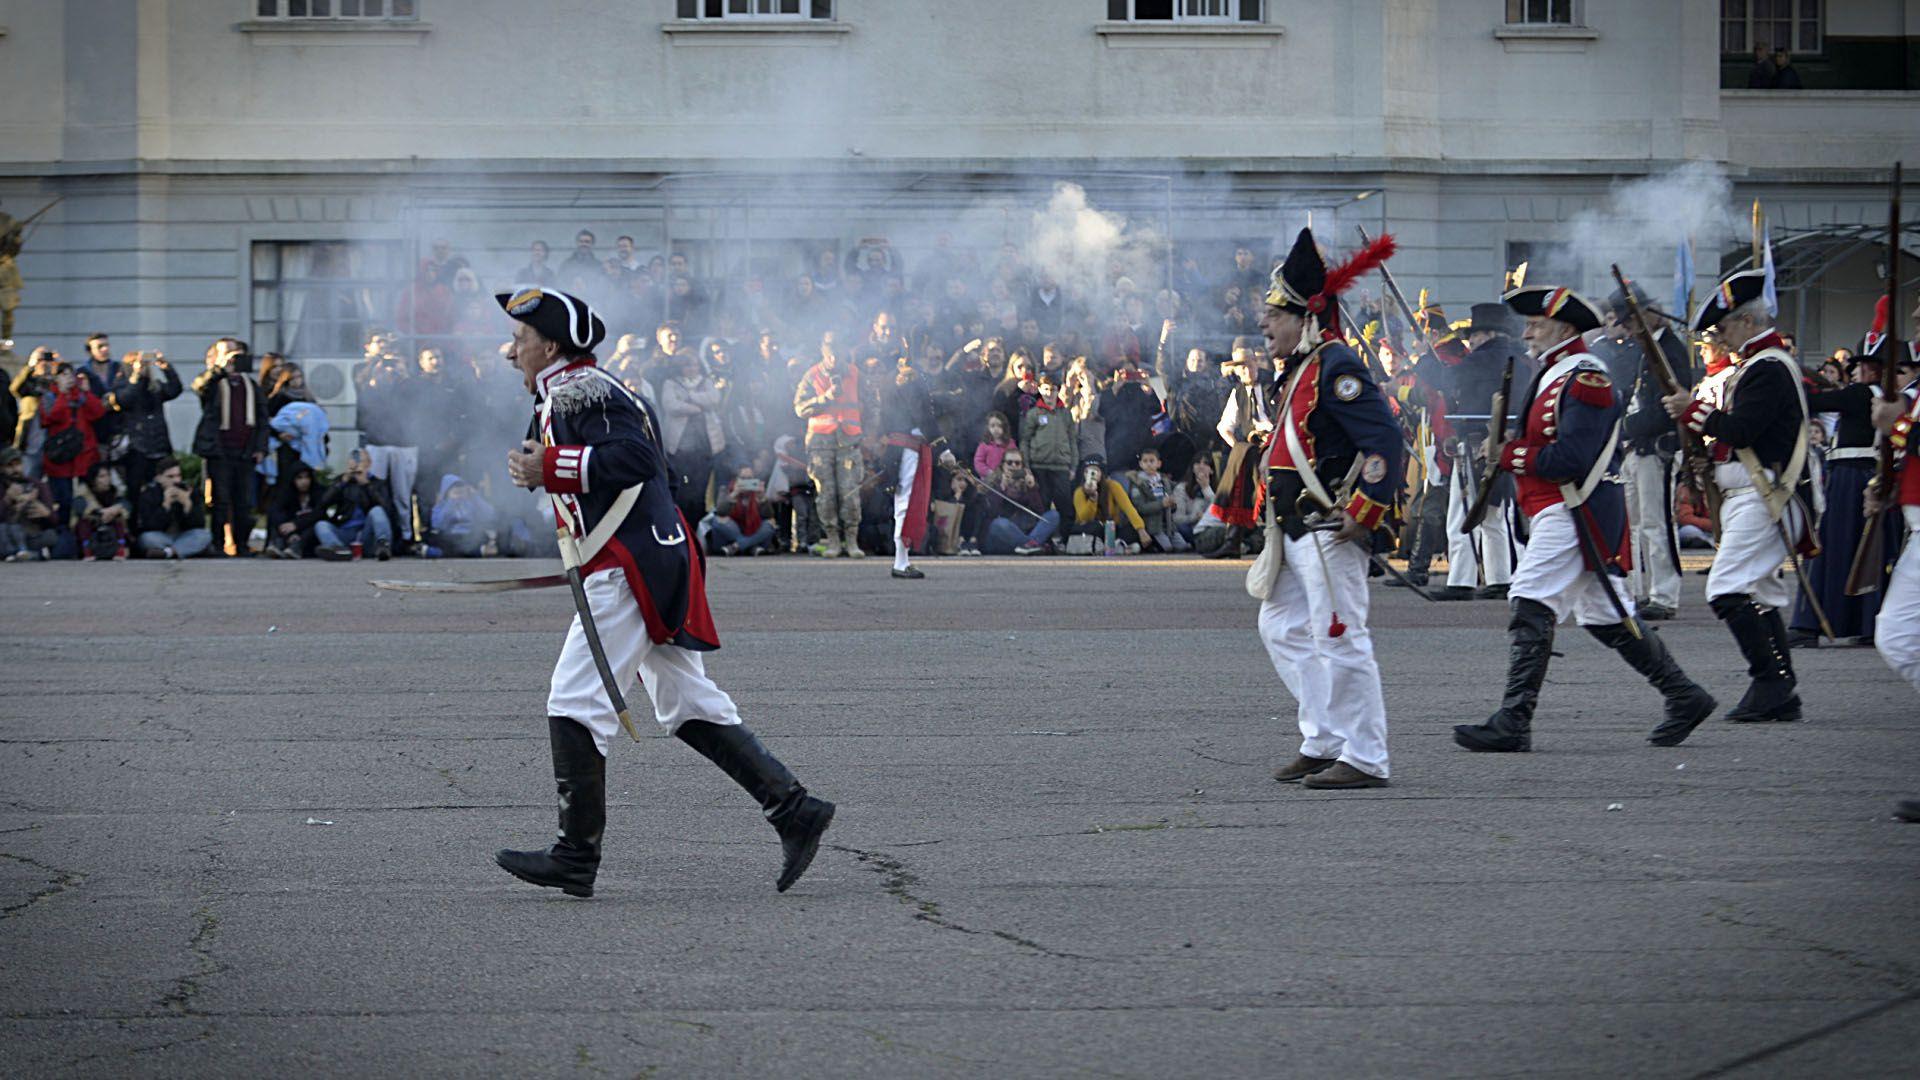 Los propios recreadores explicaron luego a los espectadores usosy manipulación de cañones y armas de avancarga, además de exhibir sus uniformes antiguos